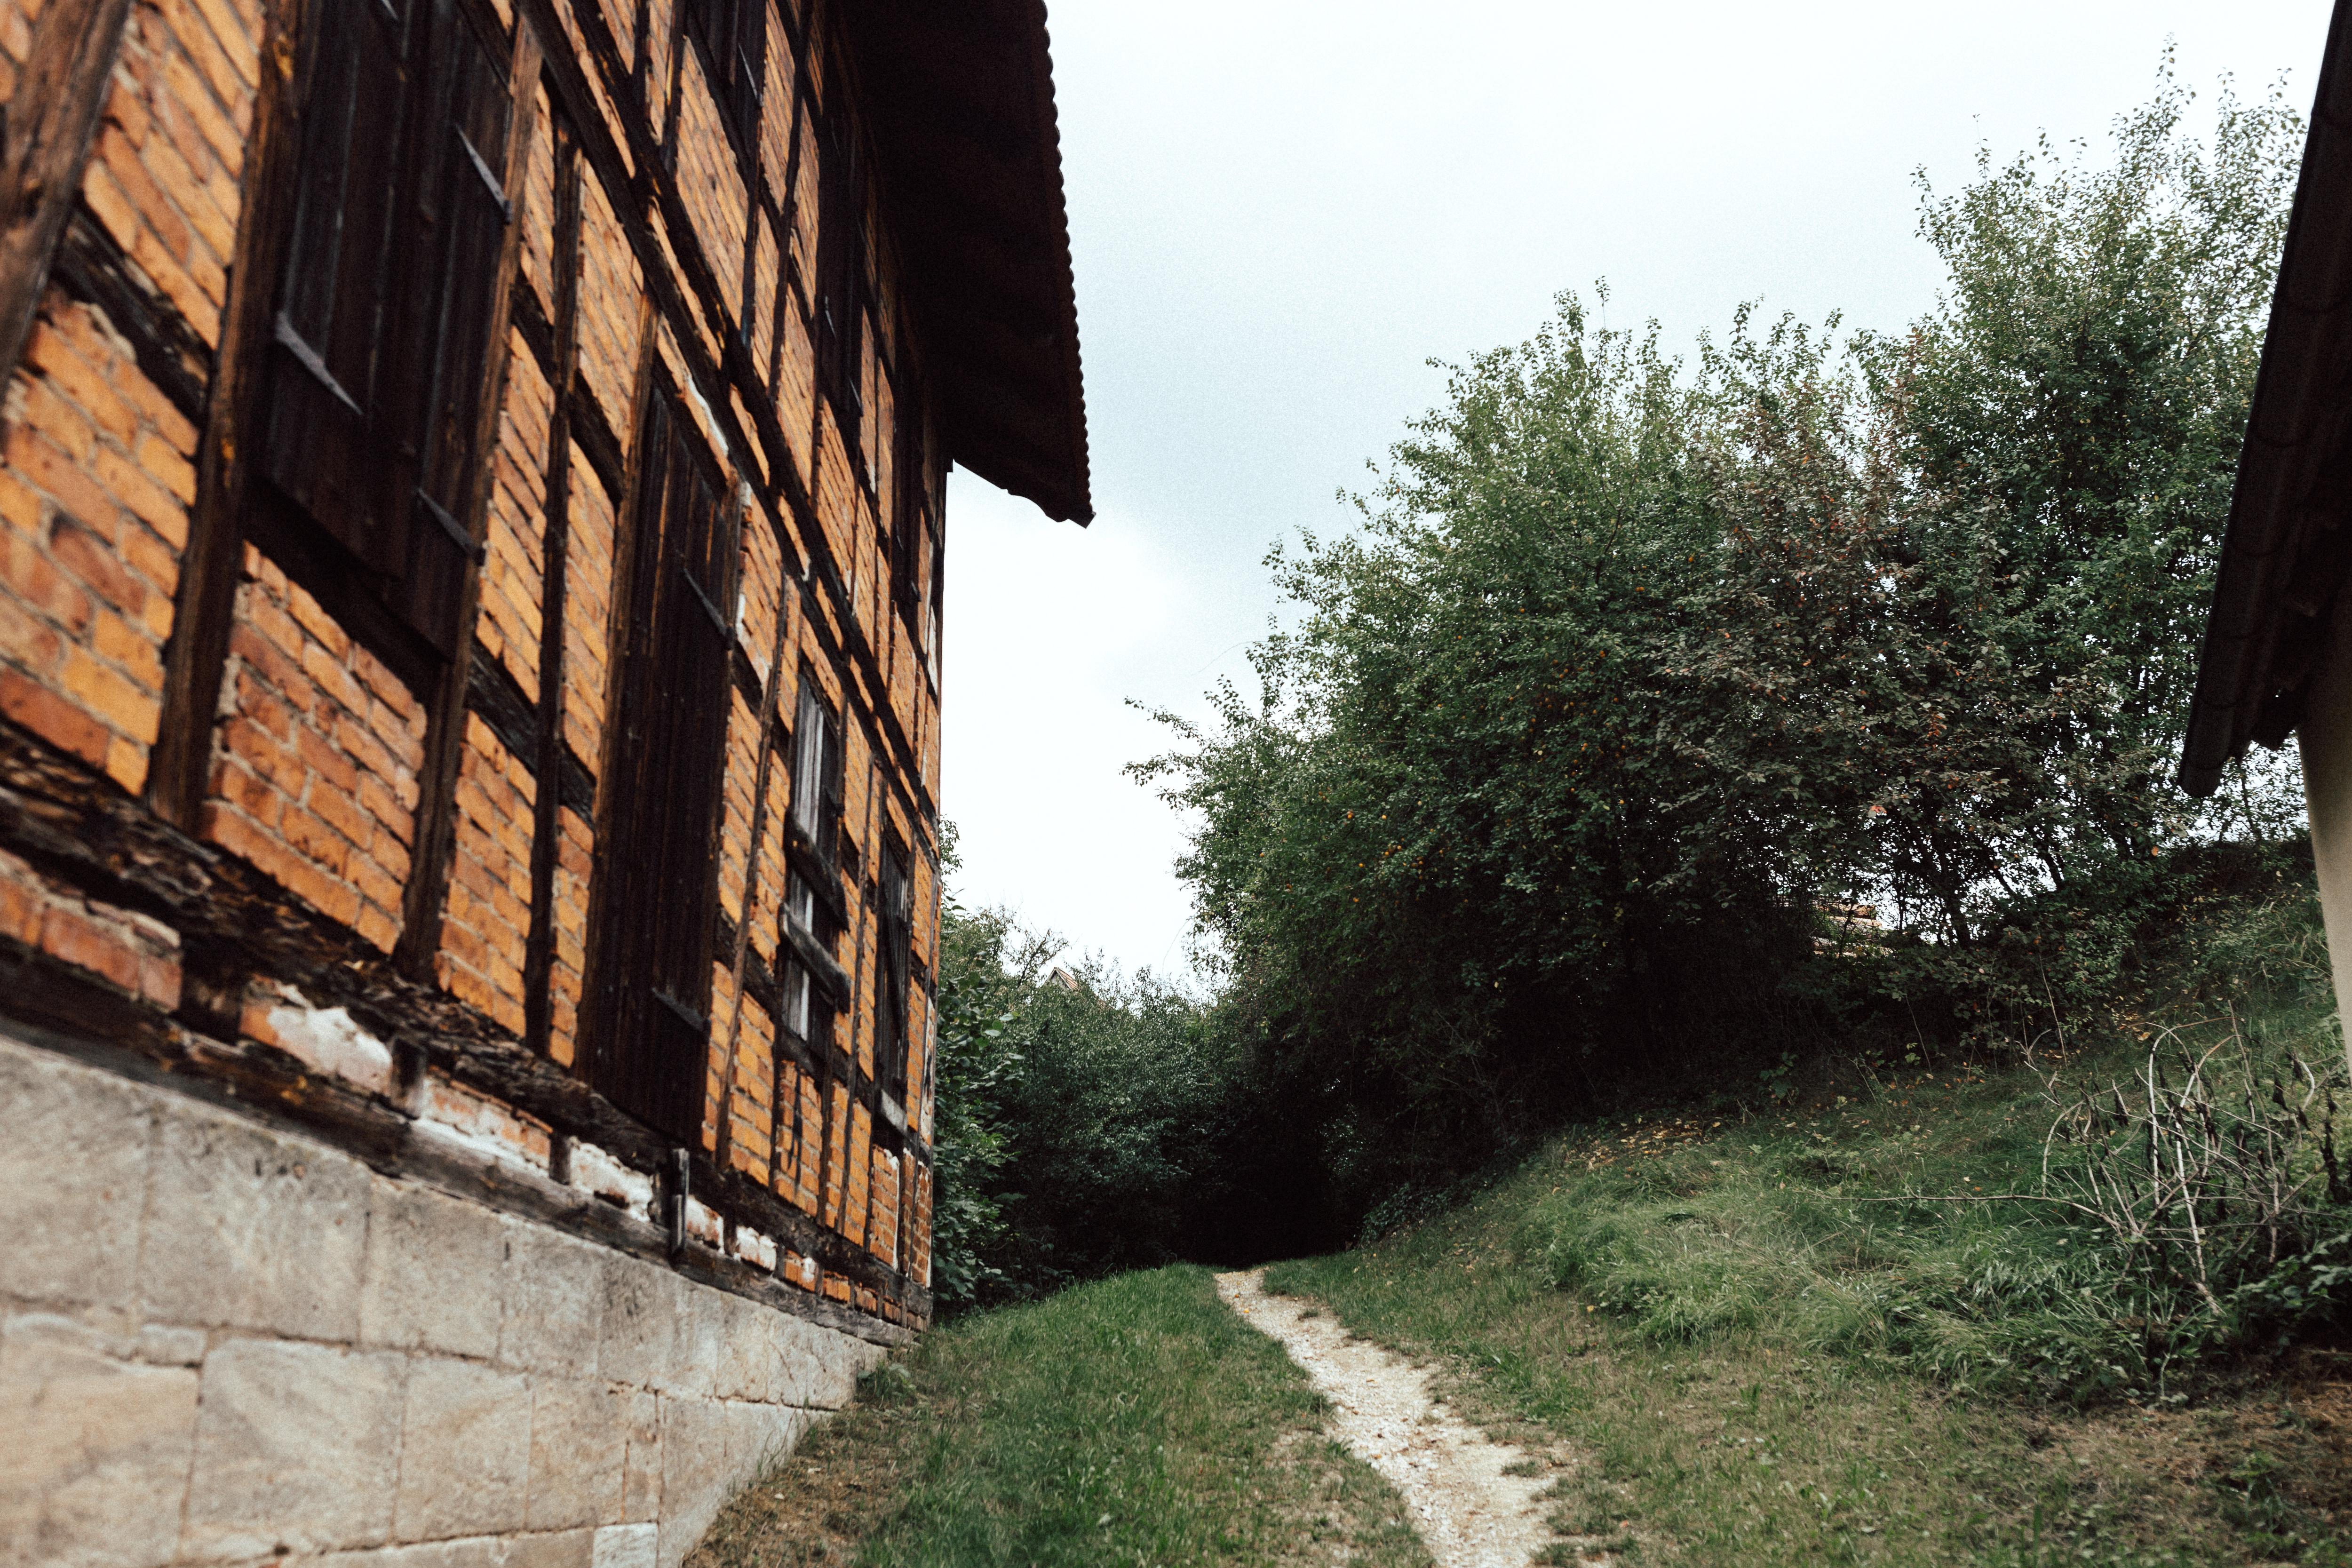 URBANERIE_Daniela_Goth_Fotografin_Nürnberg_Fürth_Erlangen_Schwabach_170902_004_0054